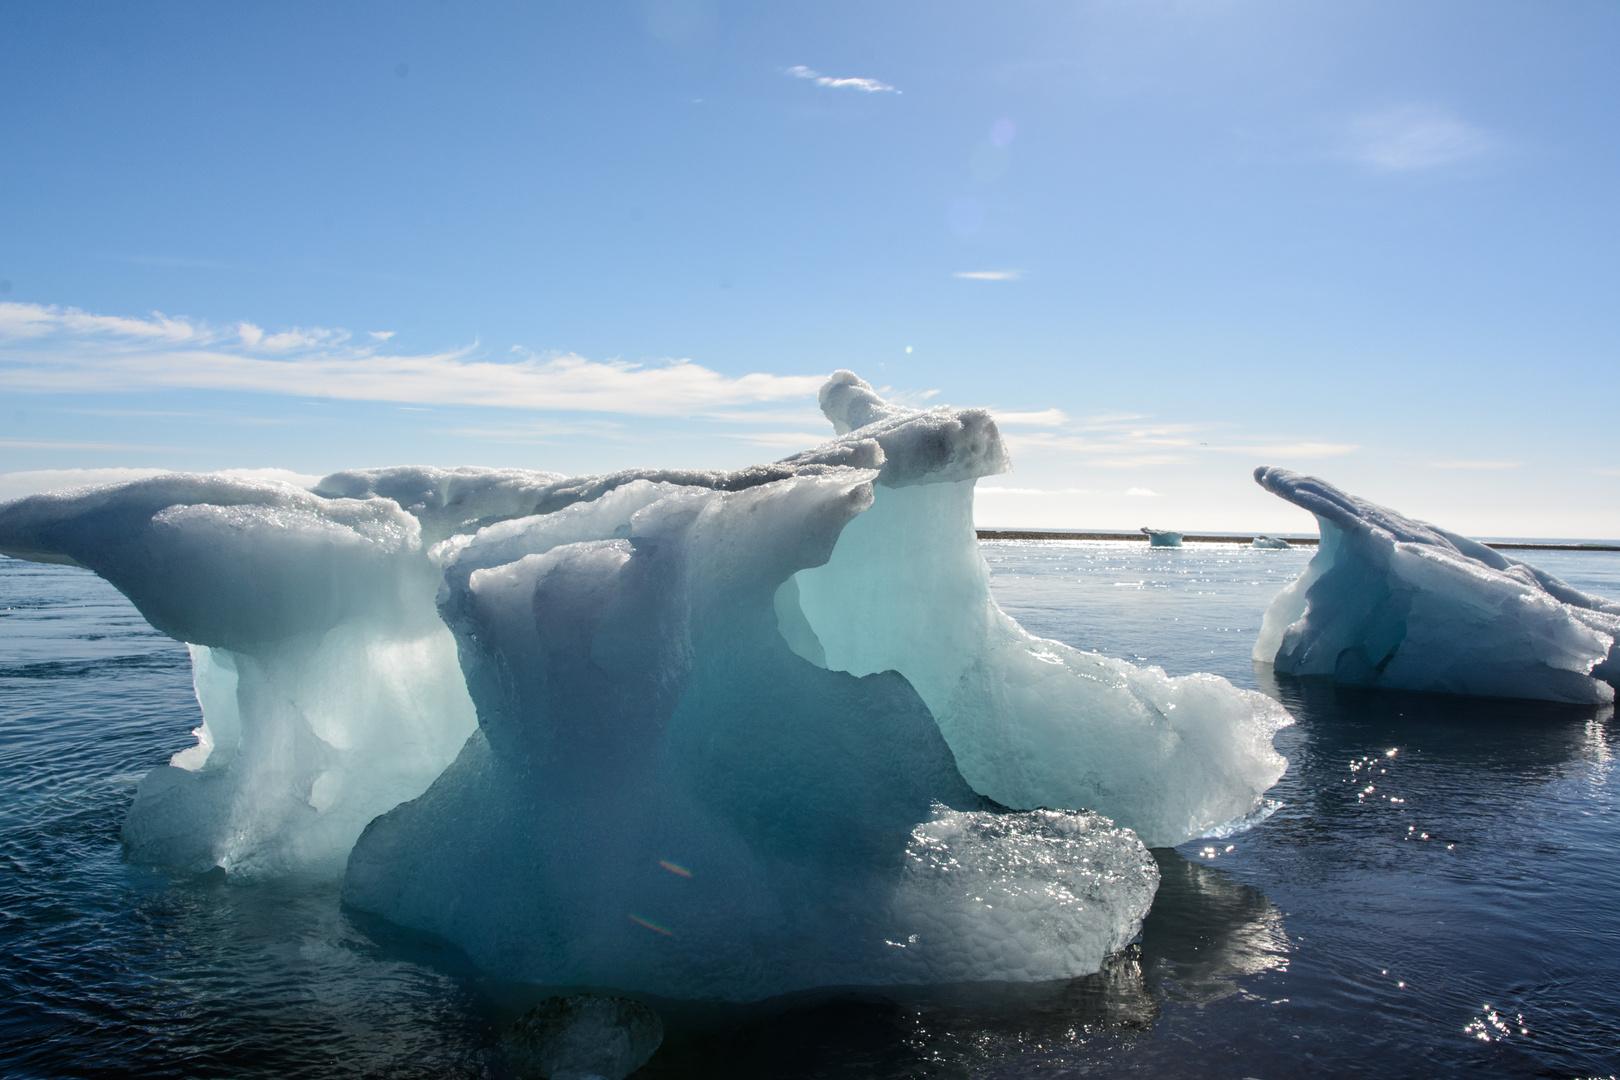 Eisberge auf dem Weg zum Meer